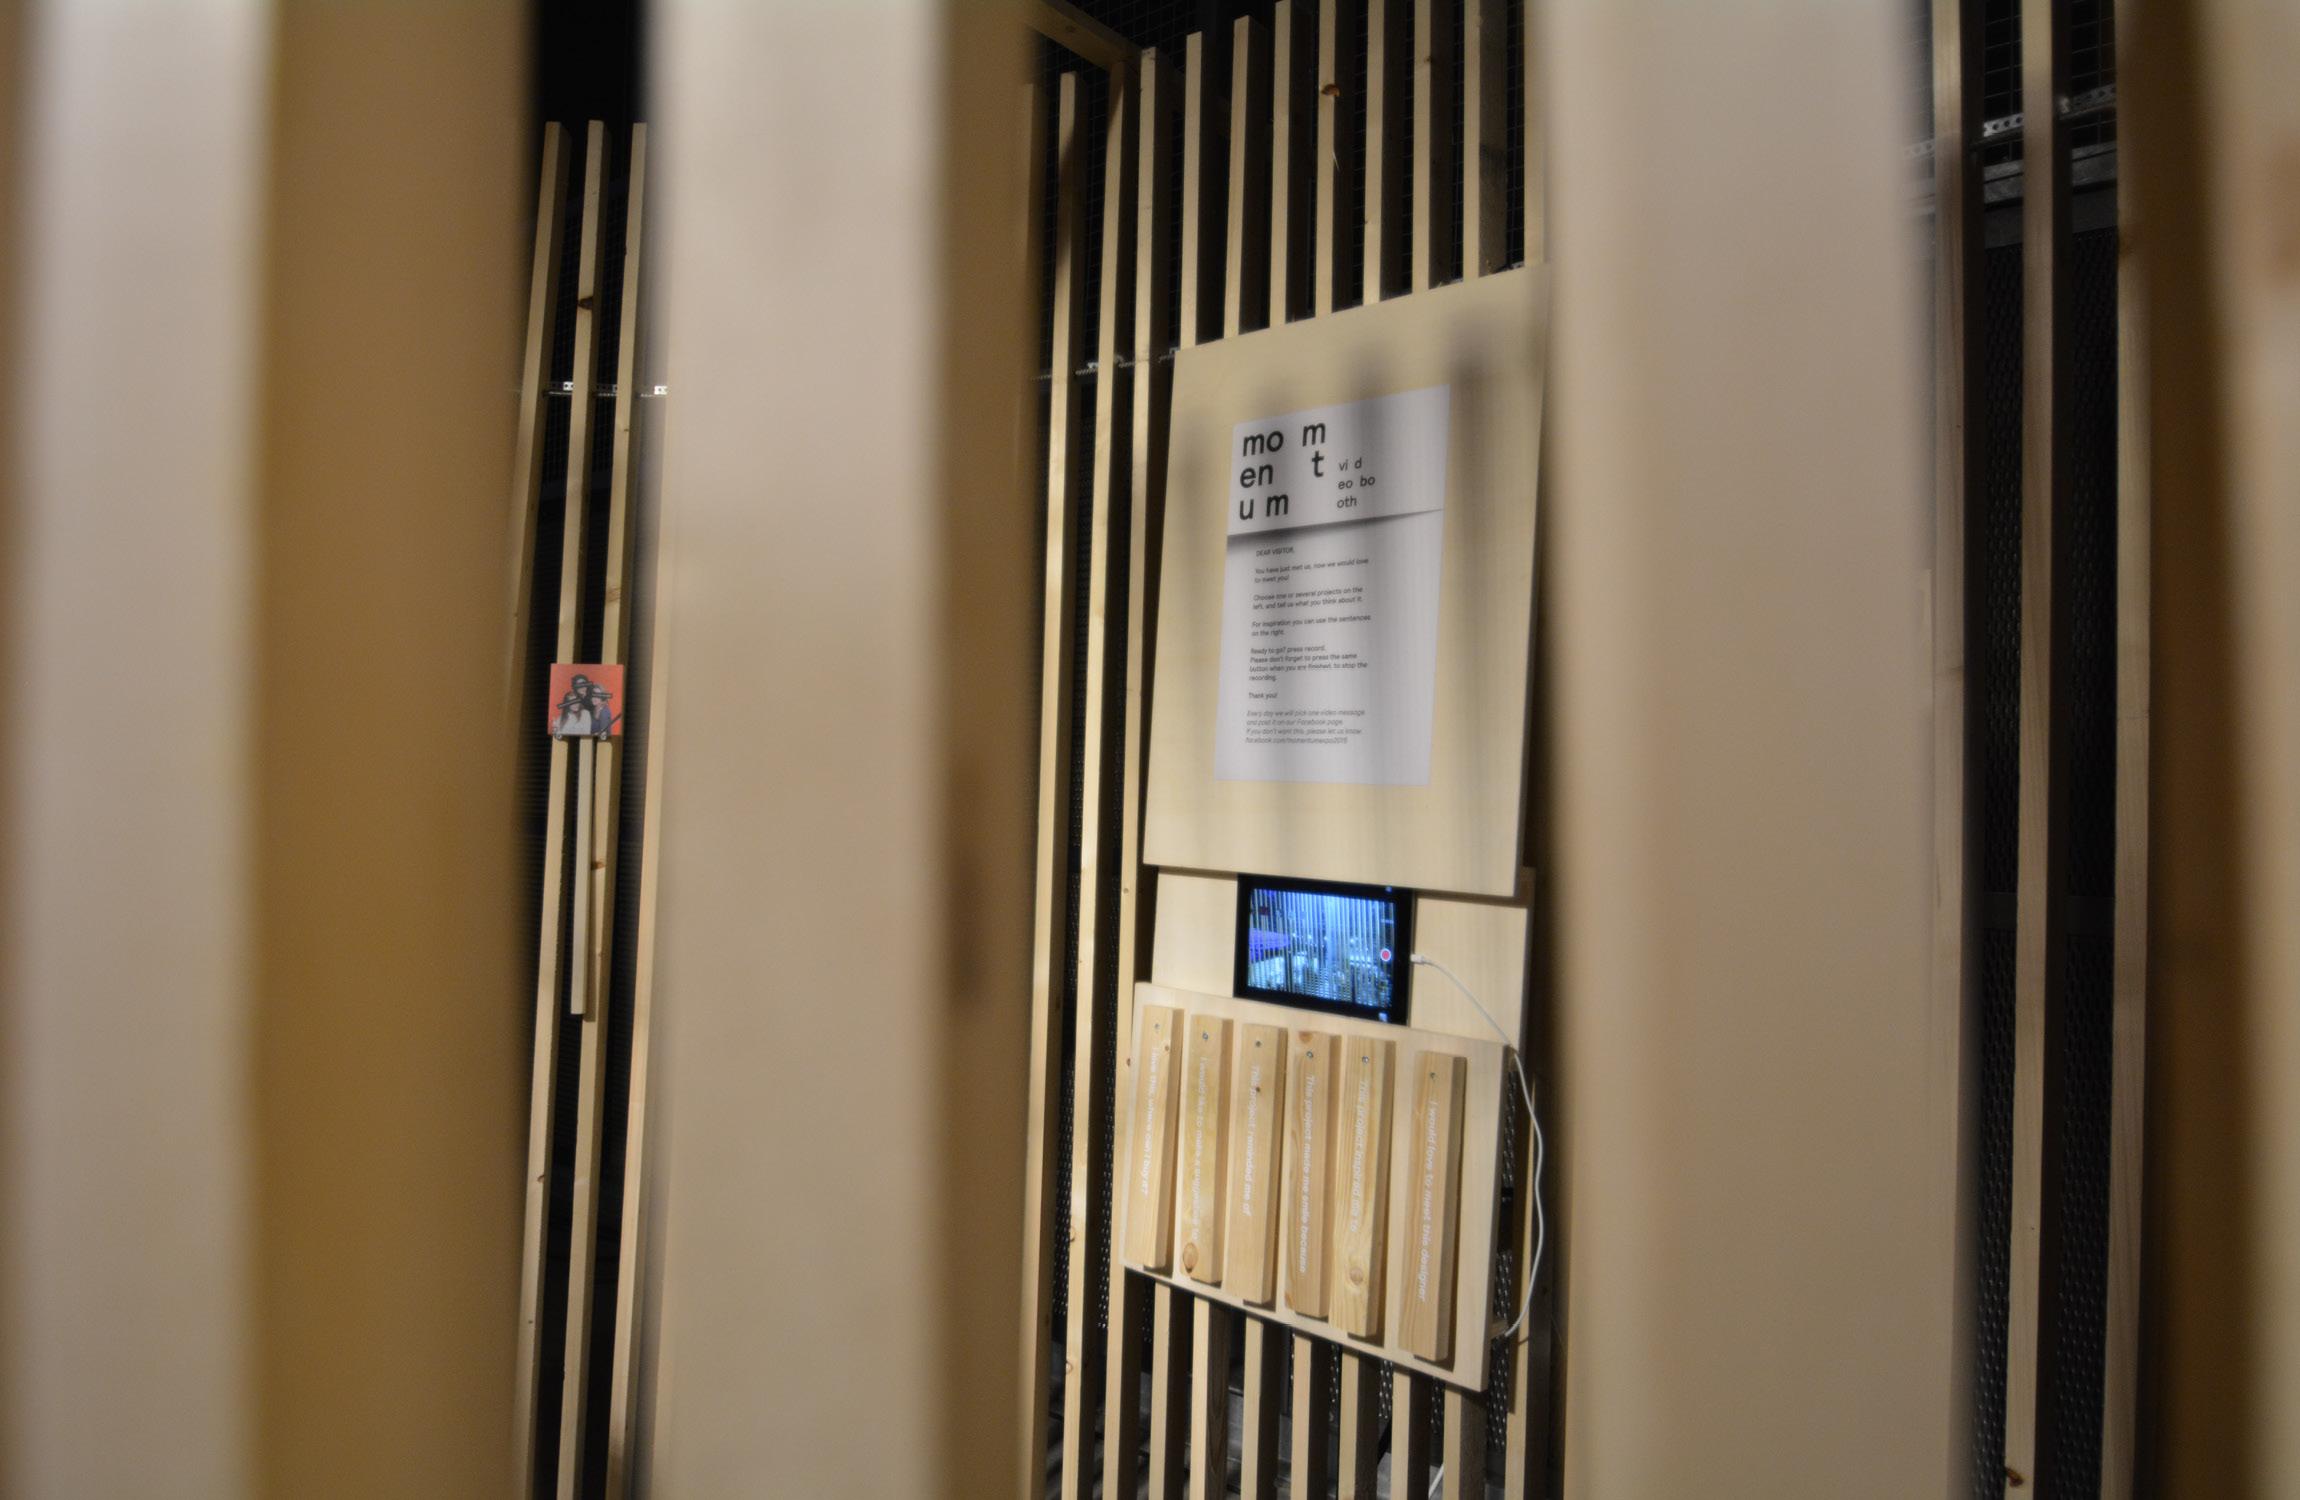 dutch design week-driving dutch design interactie bezoekers digitaal social design echter ontwerp